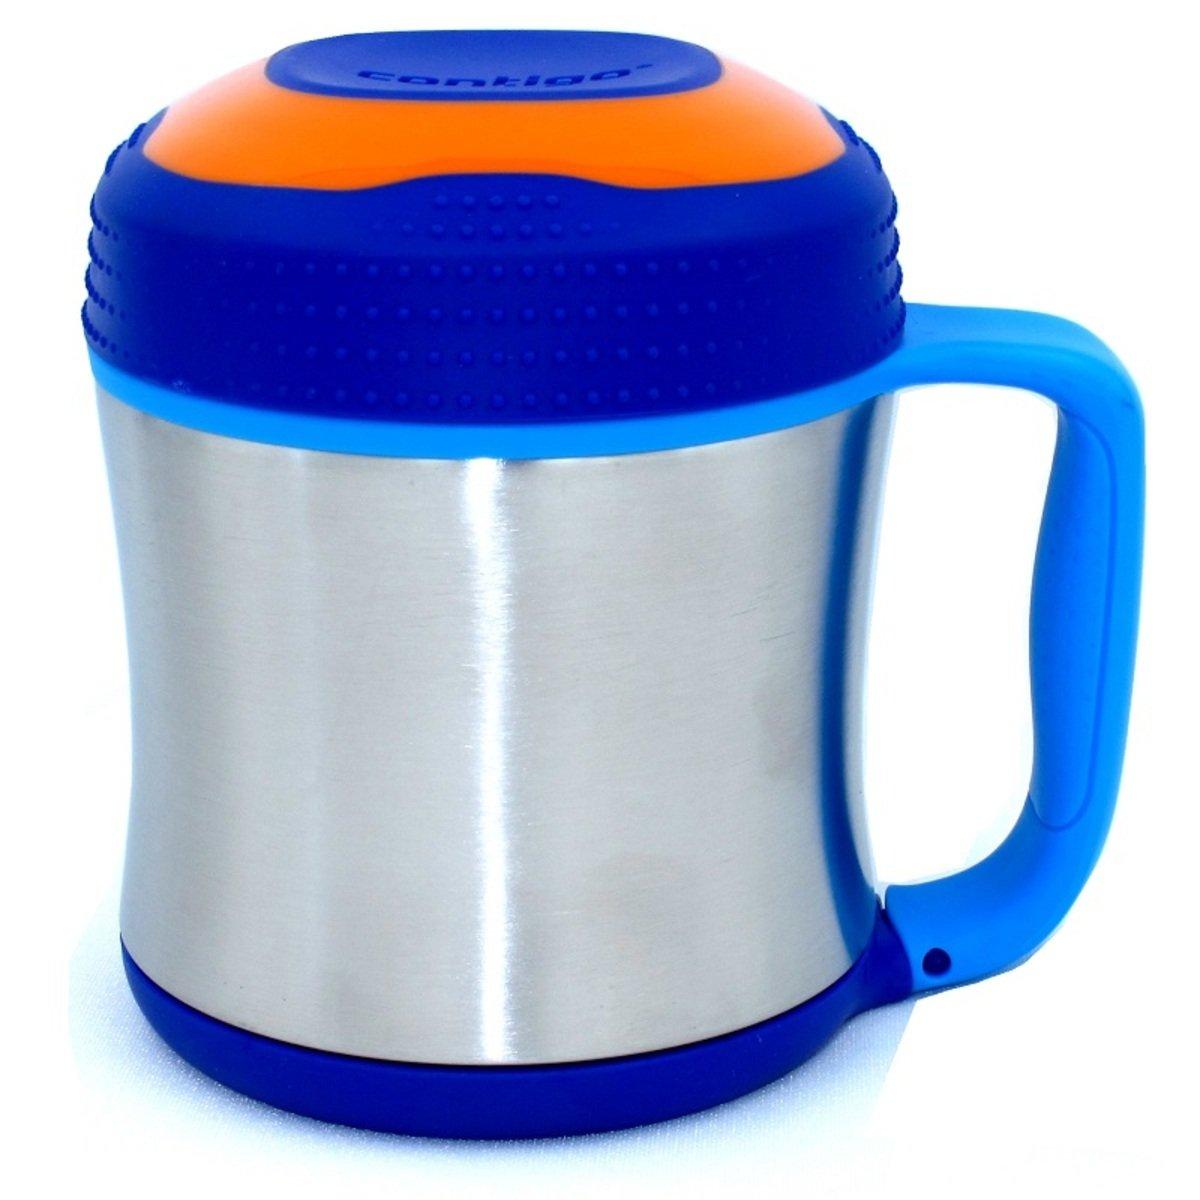 兒童食物杯 (不銹鋼j真空)-寶藍色